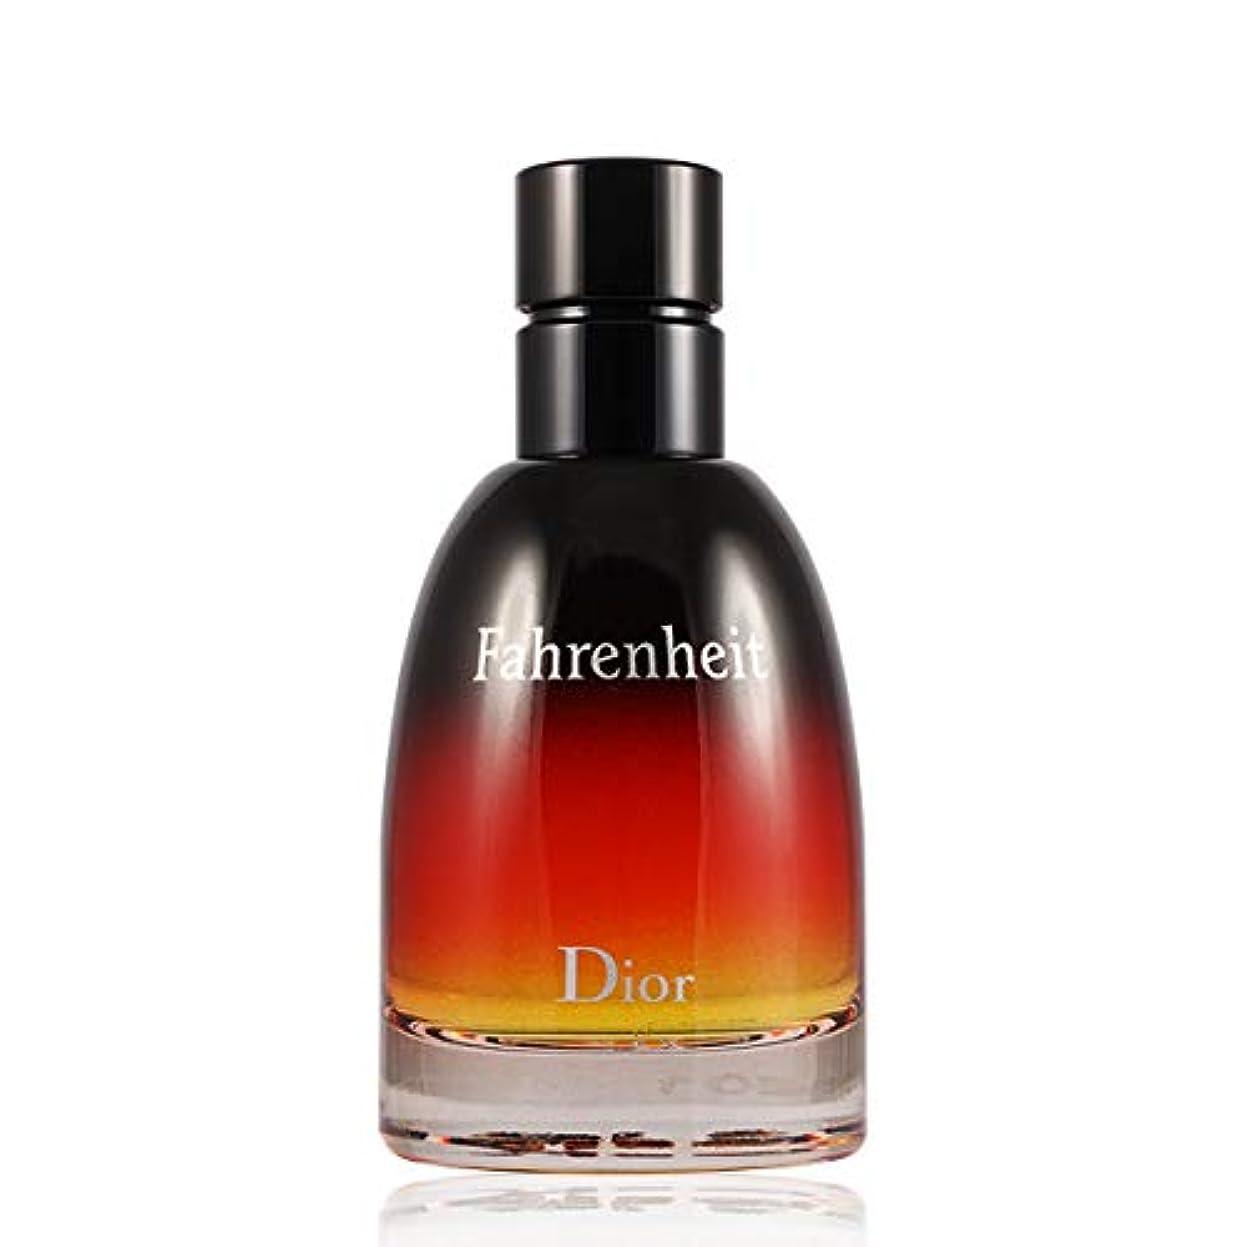 クリスチャン ディオール(Christian Dior) ファーレンハイト ル パルファン EDP SP 75ml[並行輸入品]